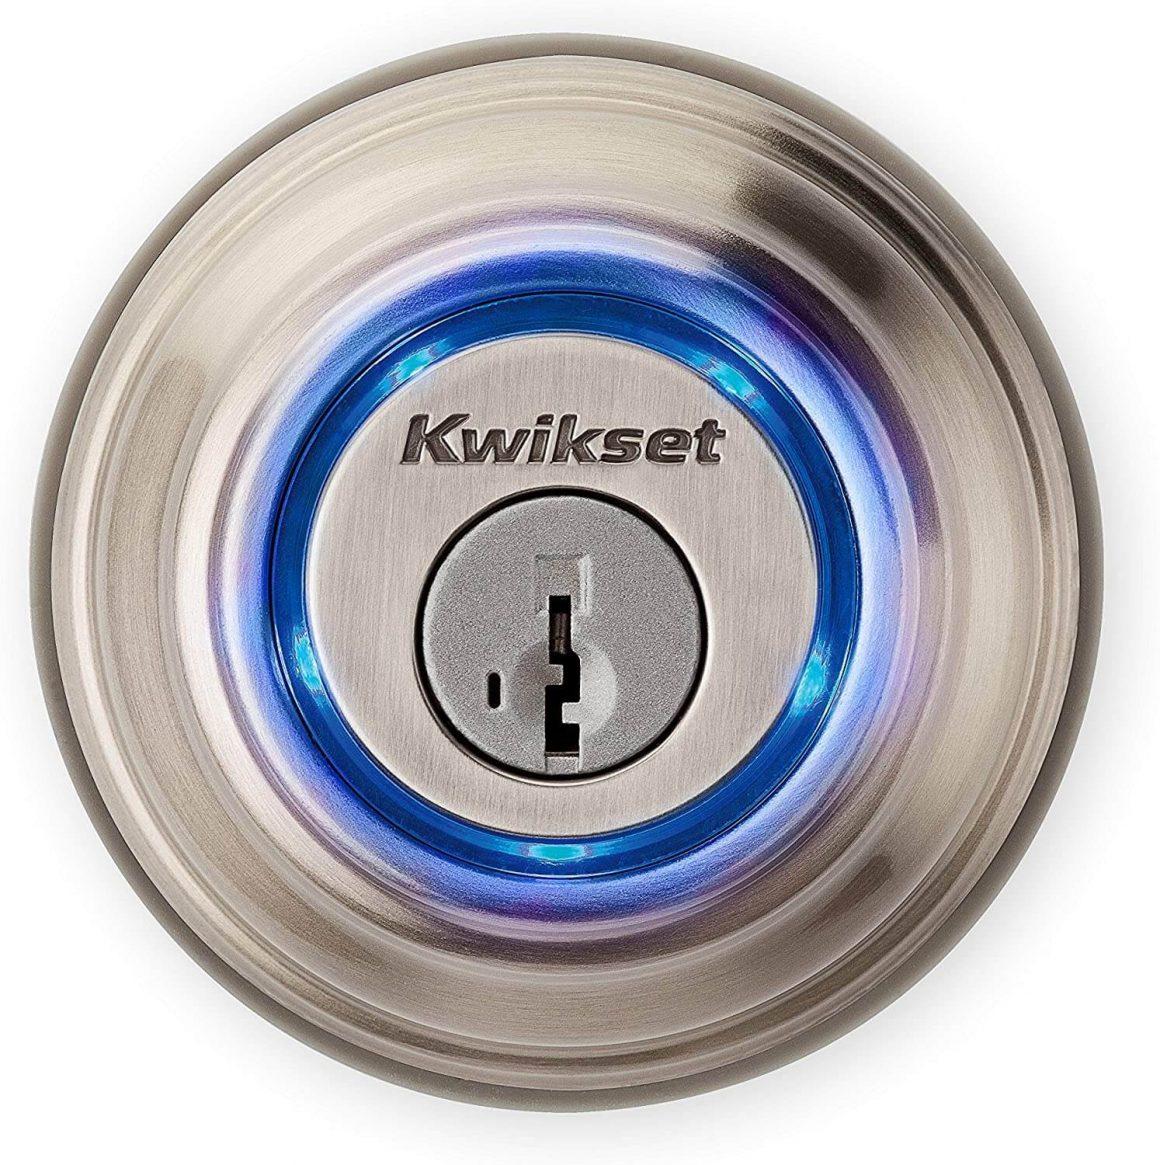 Kwikset Kevo Smart Door Lock